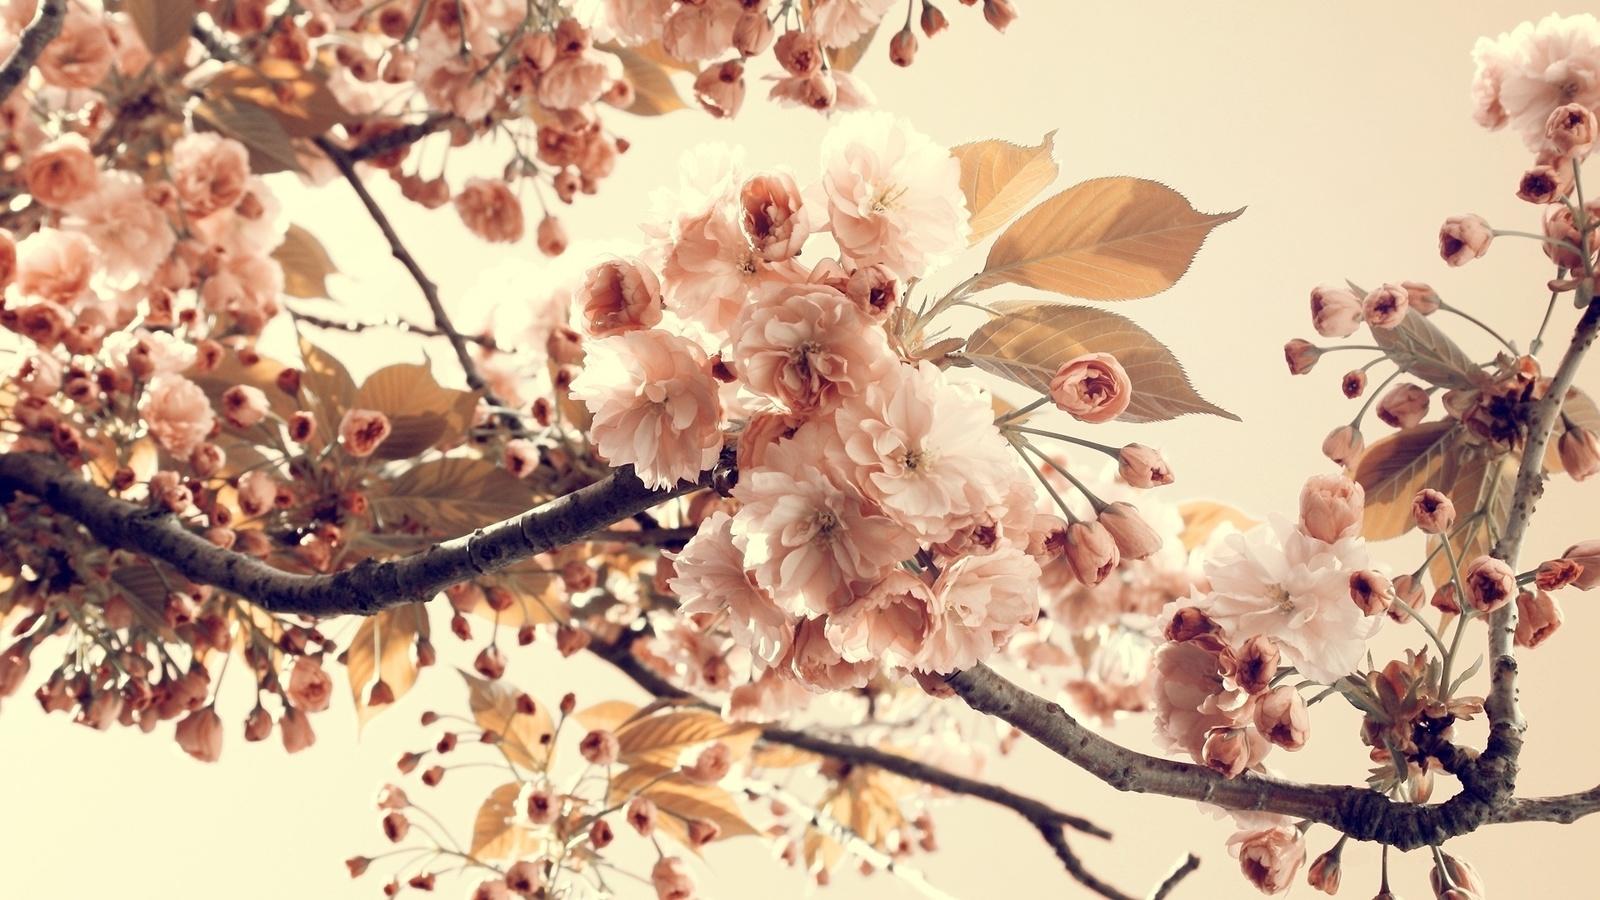 винтаж, листья, nature, цветы, Природа, ветки, vintage